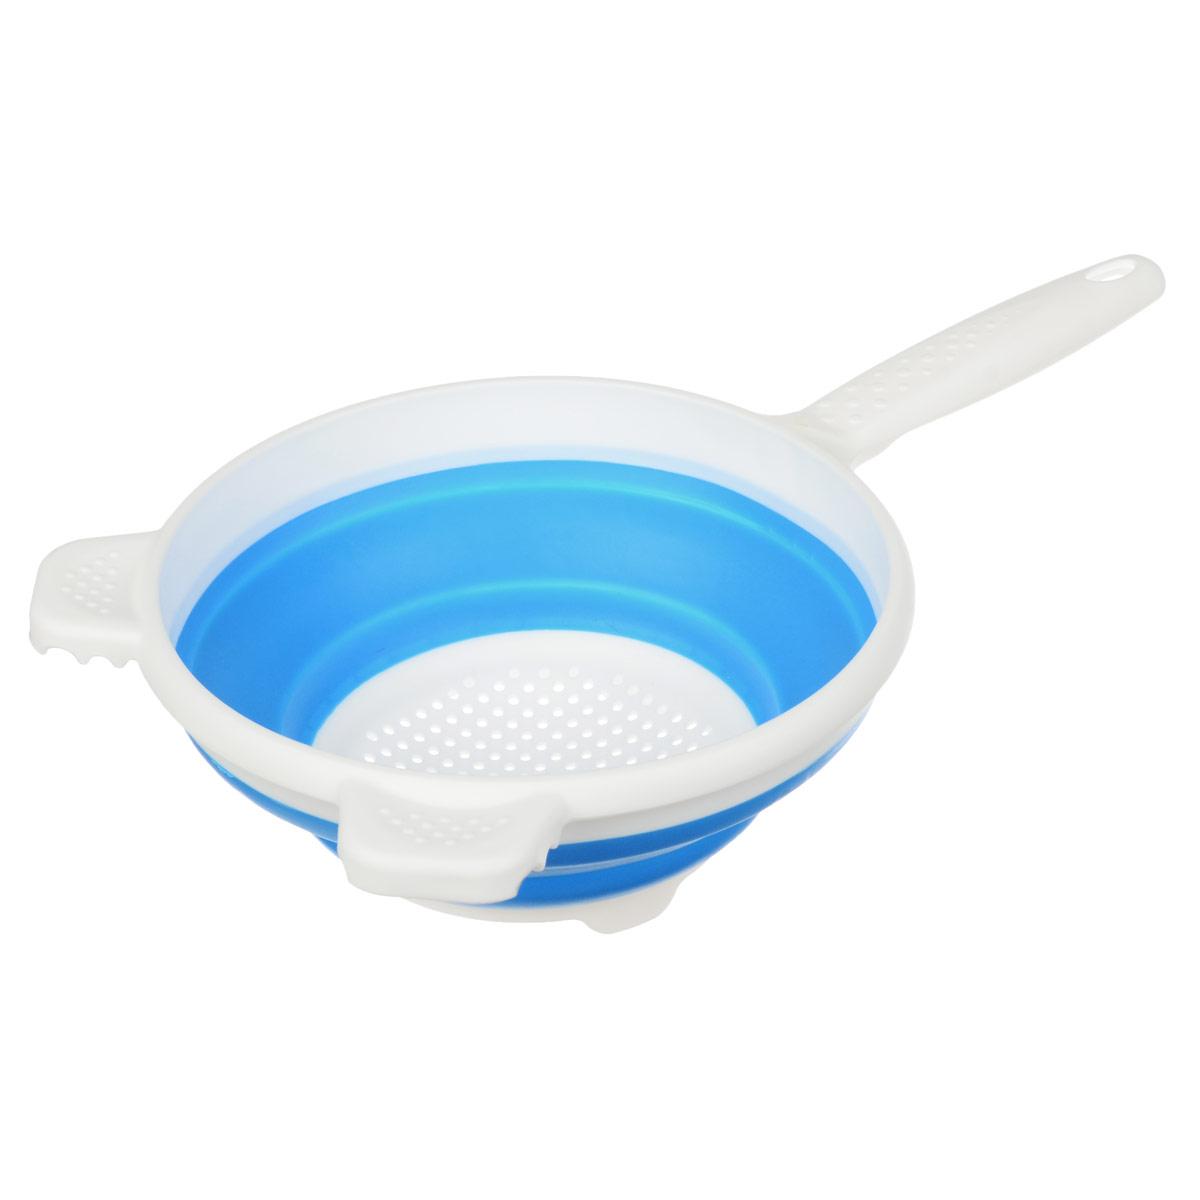 Дуршлаг складной Apollo, цвет: белый, голубой, диаметр 19,5 смCLD-01_белый, голубойСкладной дуршлаг Apollo станет полезным приобретением для вашей кухни. Он изготовлен из высококачественного пищевого силикона и пластика. Дуршлаг оснащен удобной эргономичной ручкой со специальным отверстием для подвешивания. Изделие прекрасно подходит для процеживания, ополаскивания и стекания макарон, овощей, фруктов. Дуршлаг компактно складывается, что делает его удобным для хранения.Не рекомендуется мыть в посудомоечной машине.Диаметр (по верхнему краю): 19,5 см.Максимальная высота: 8 см.Минимальная высота: 3 см.Длина ручки: 13 см.